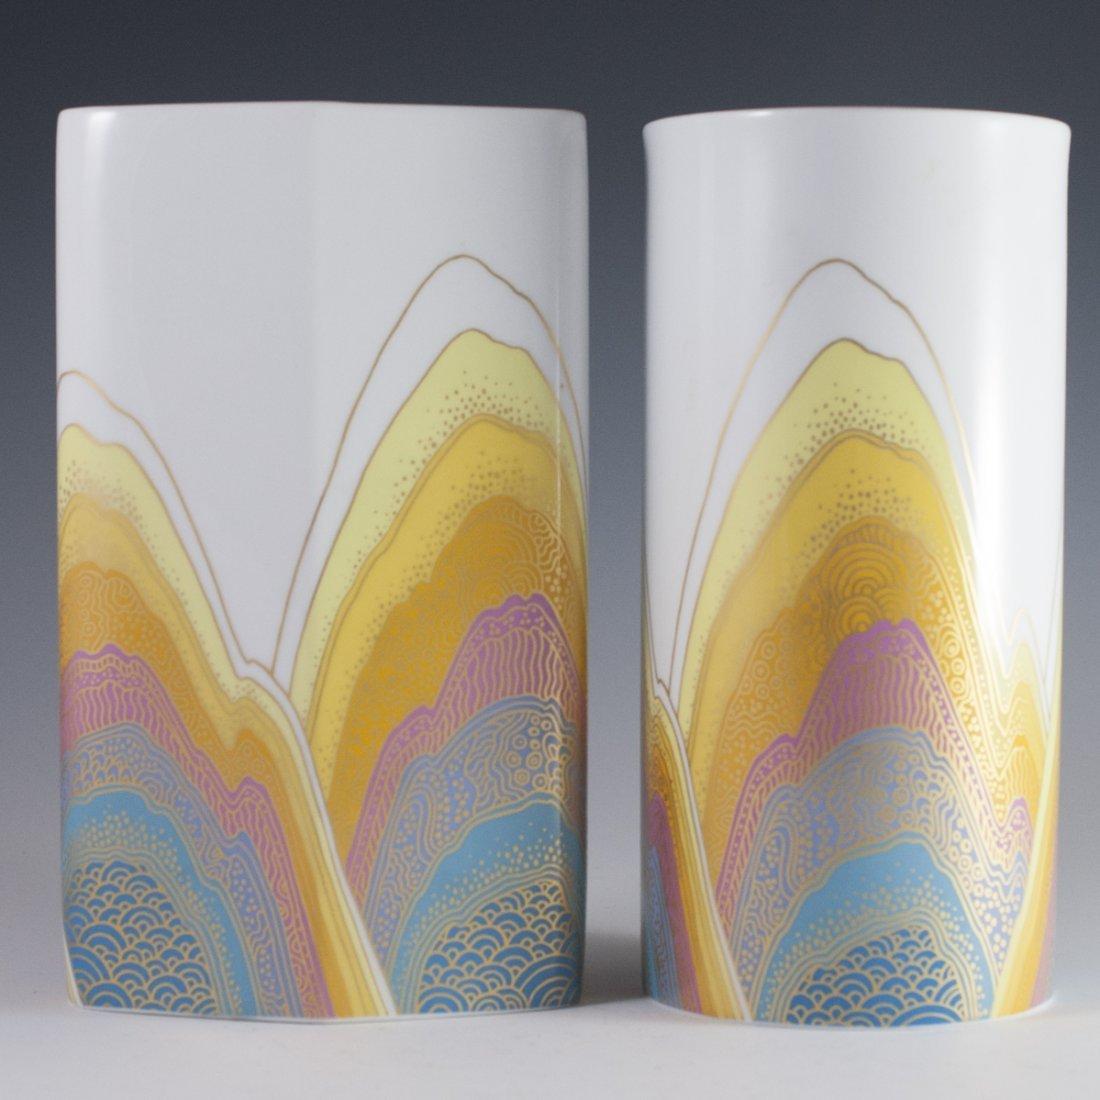 Rosemonde Nairac For Rosenthal Vases